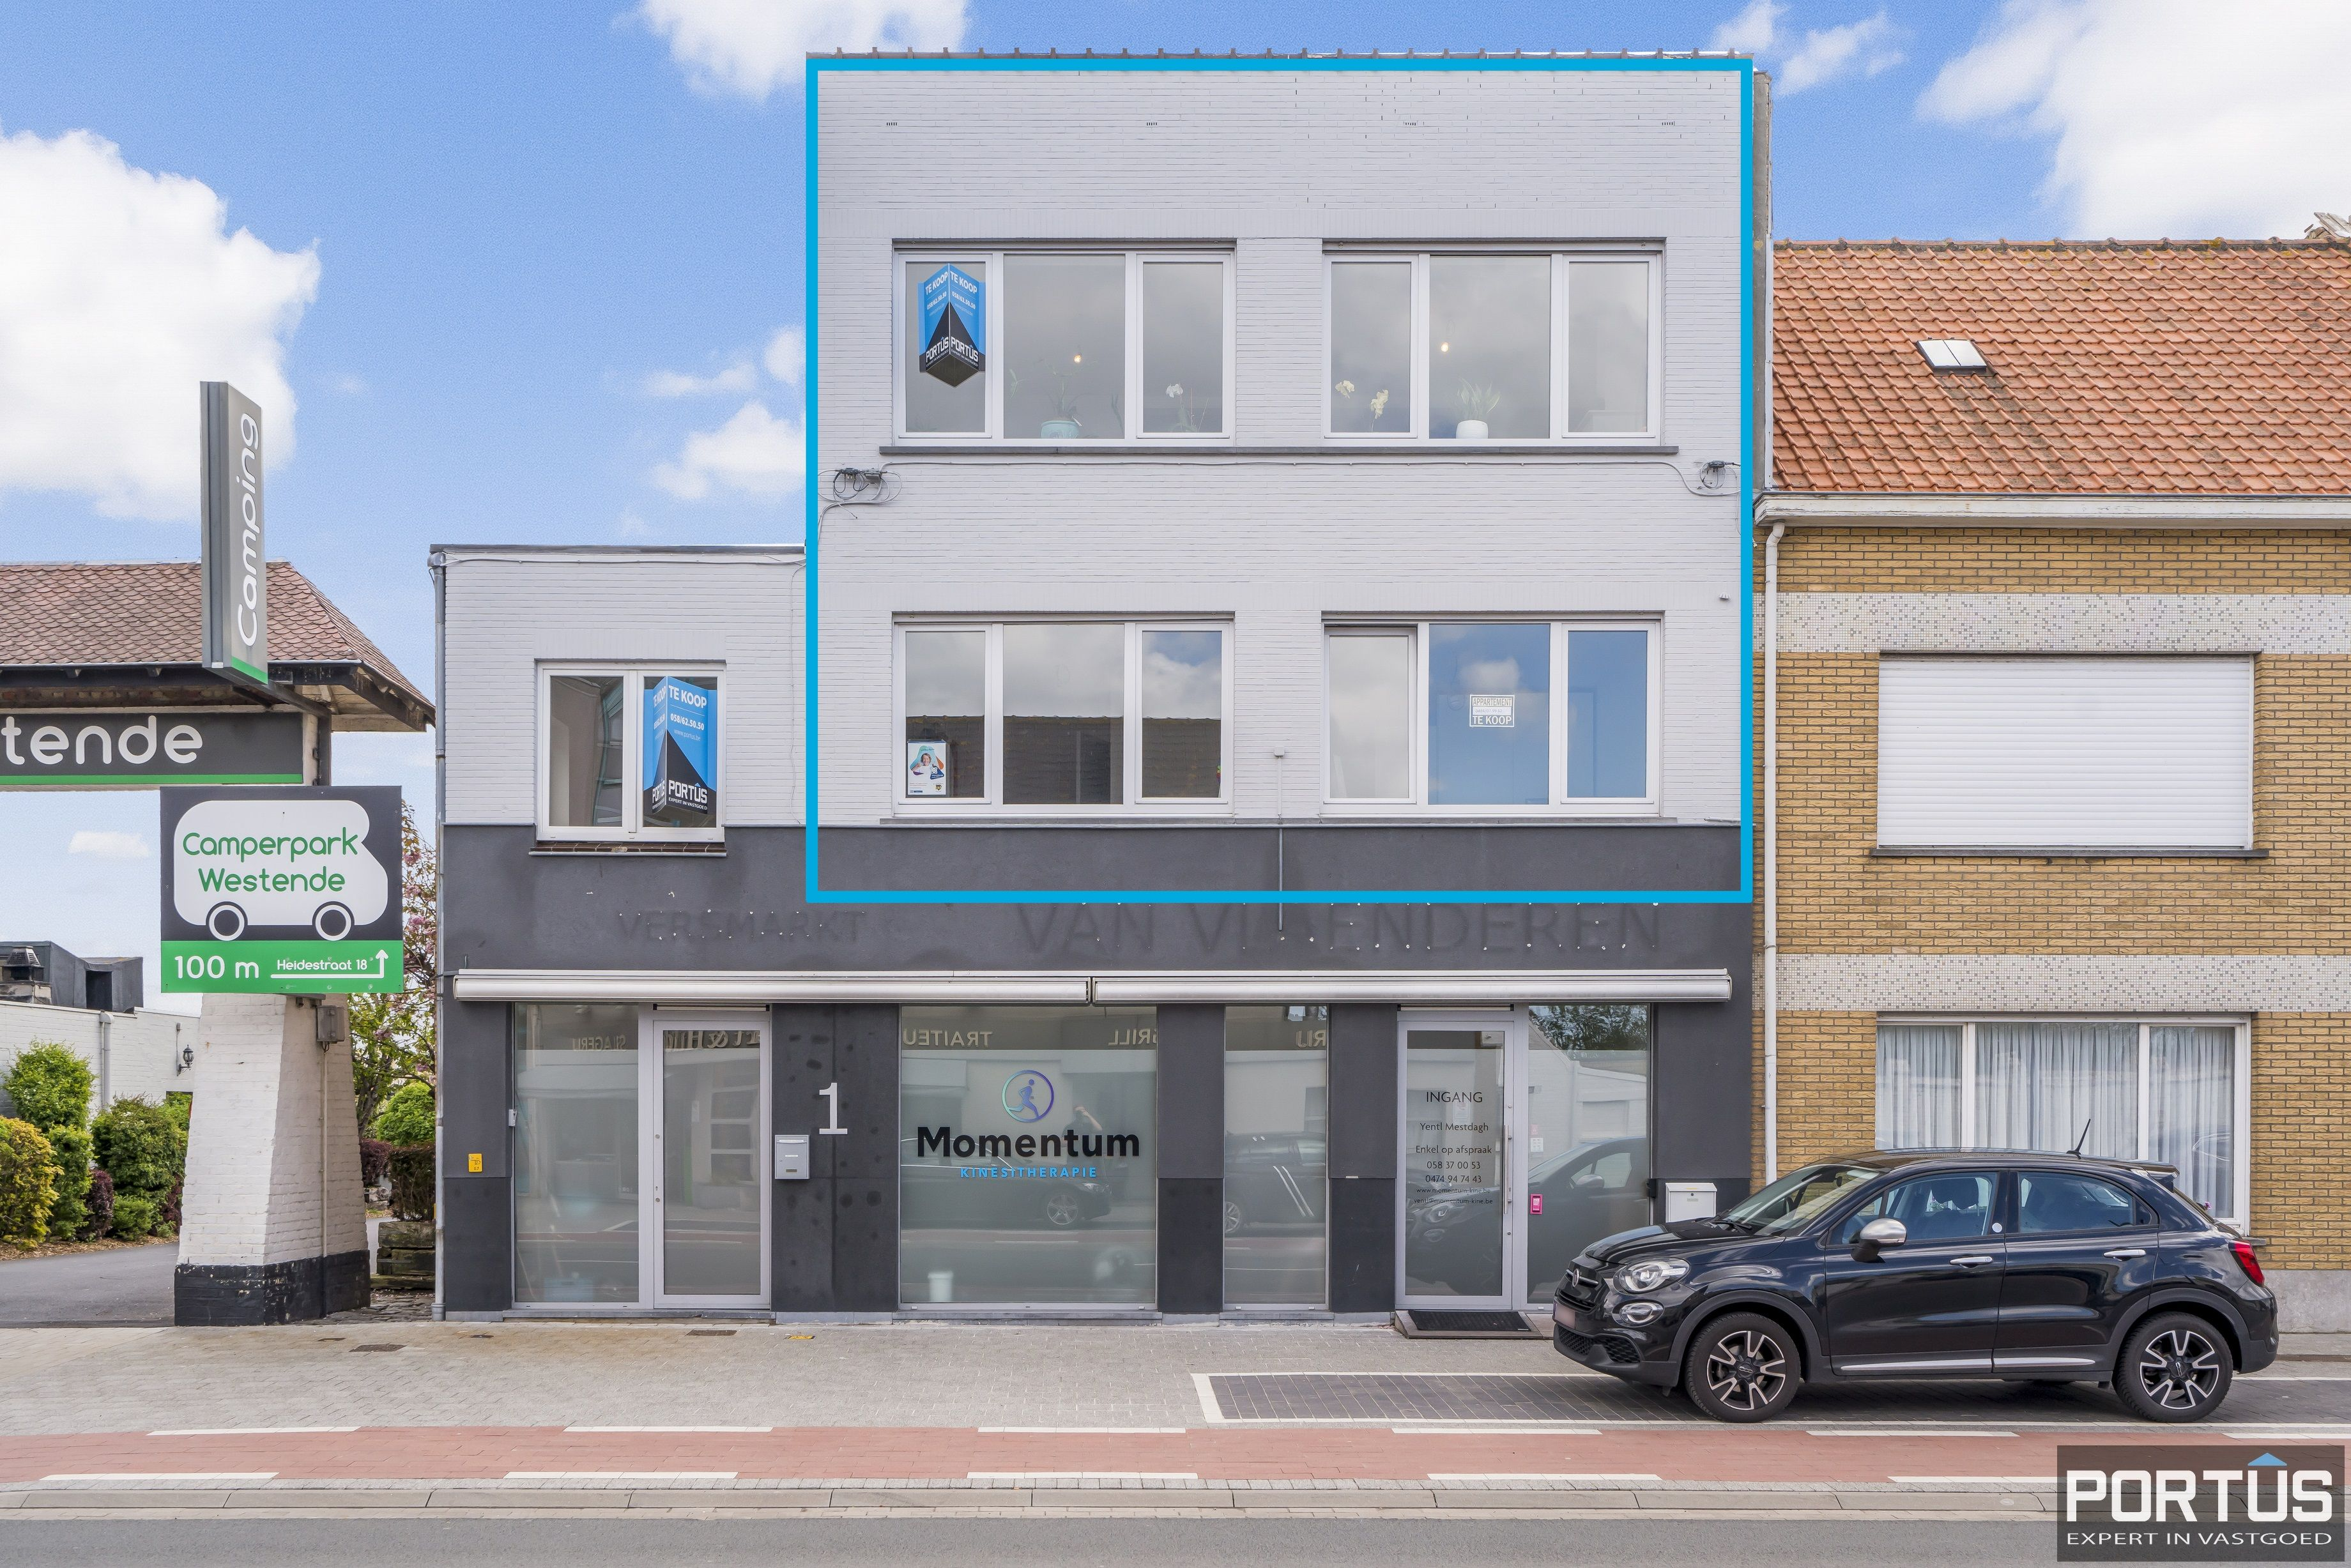 Appartement met 3 slaapkamers te koop te Westende - 12862